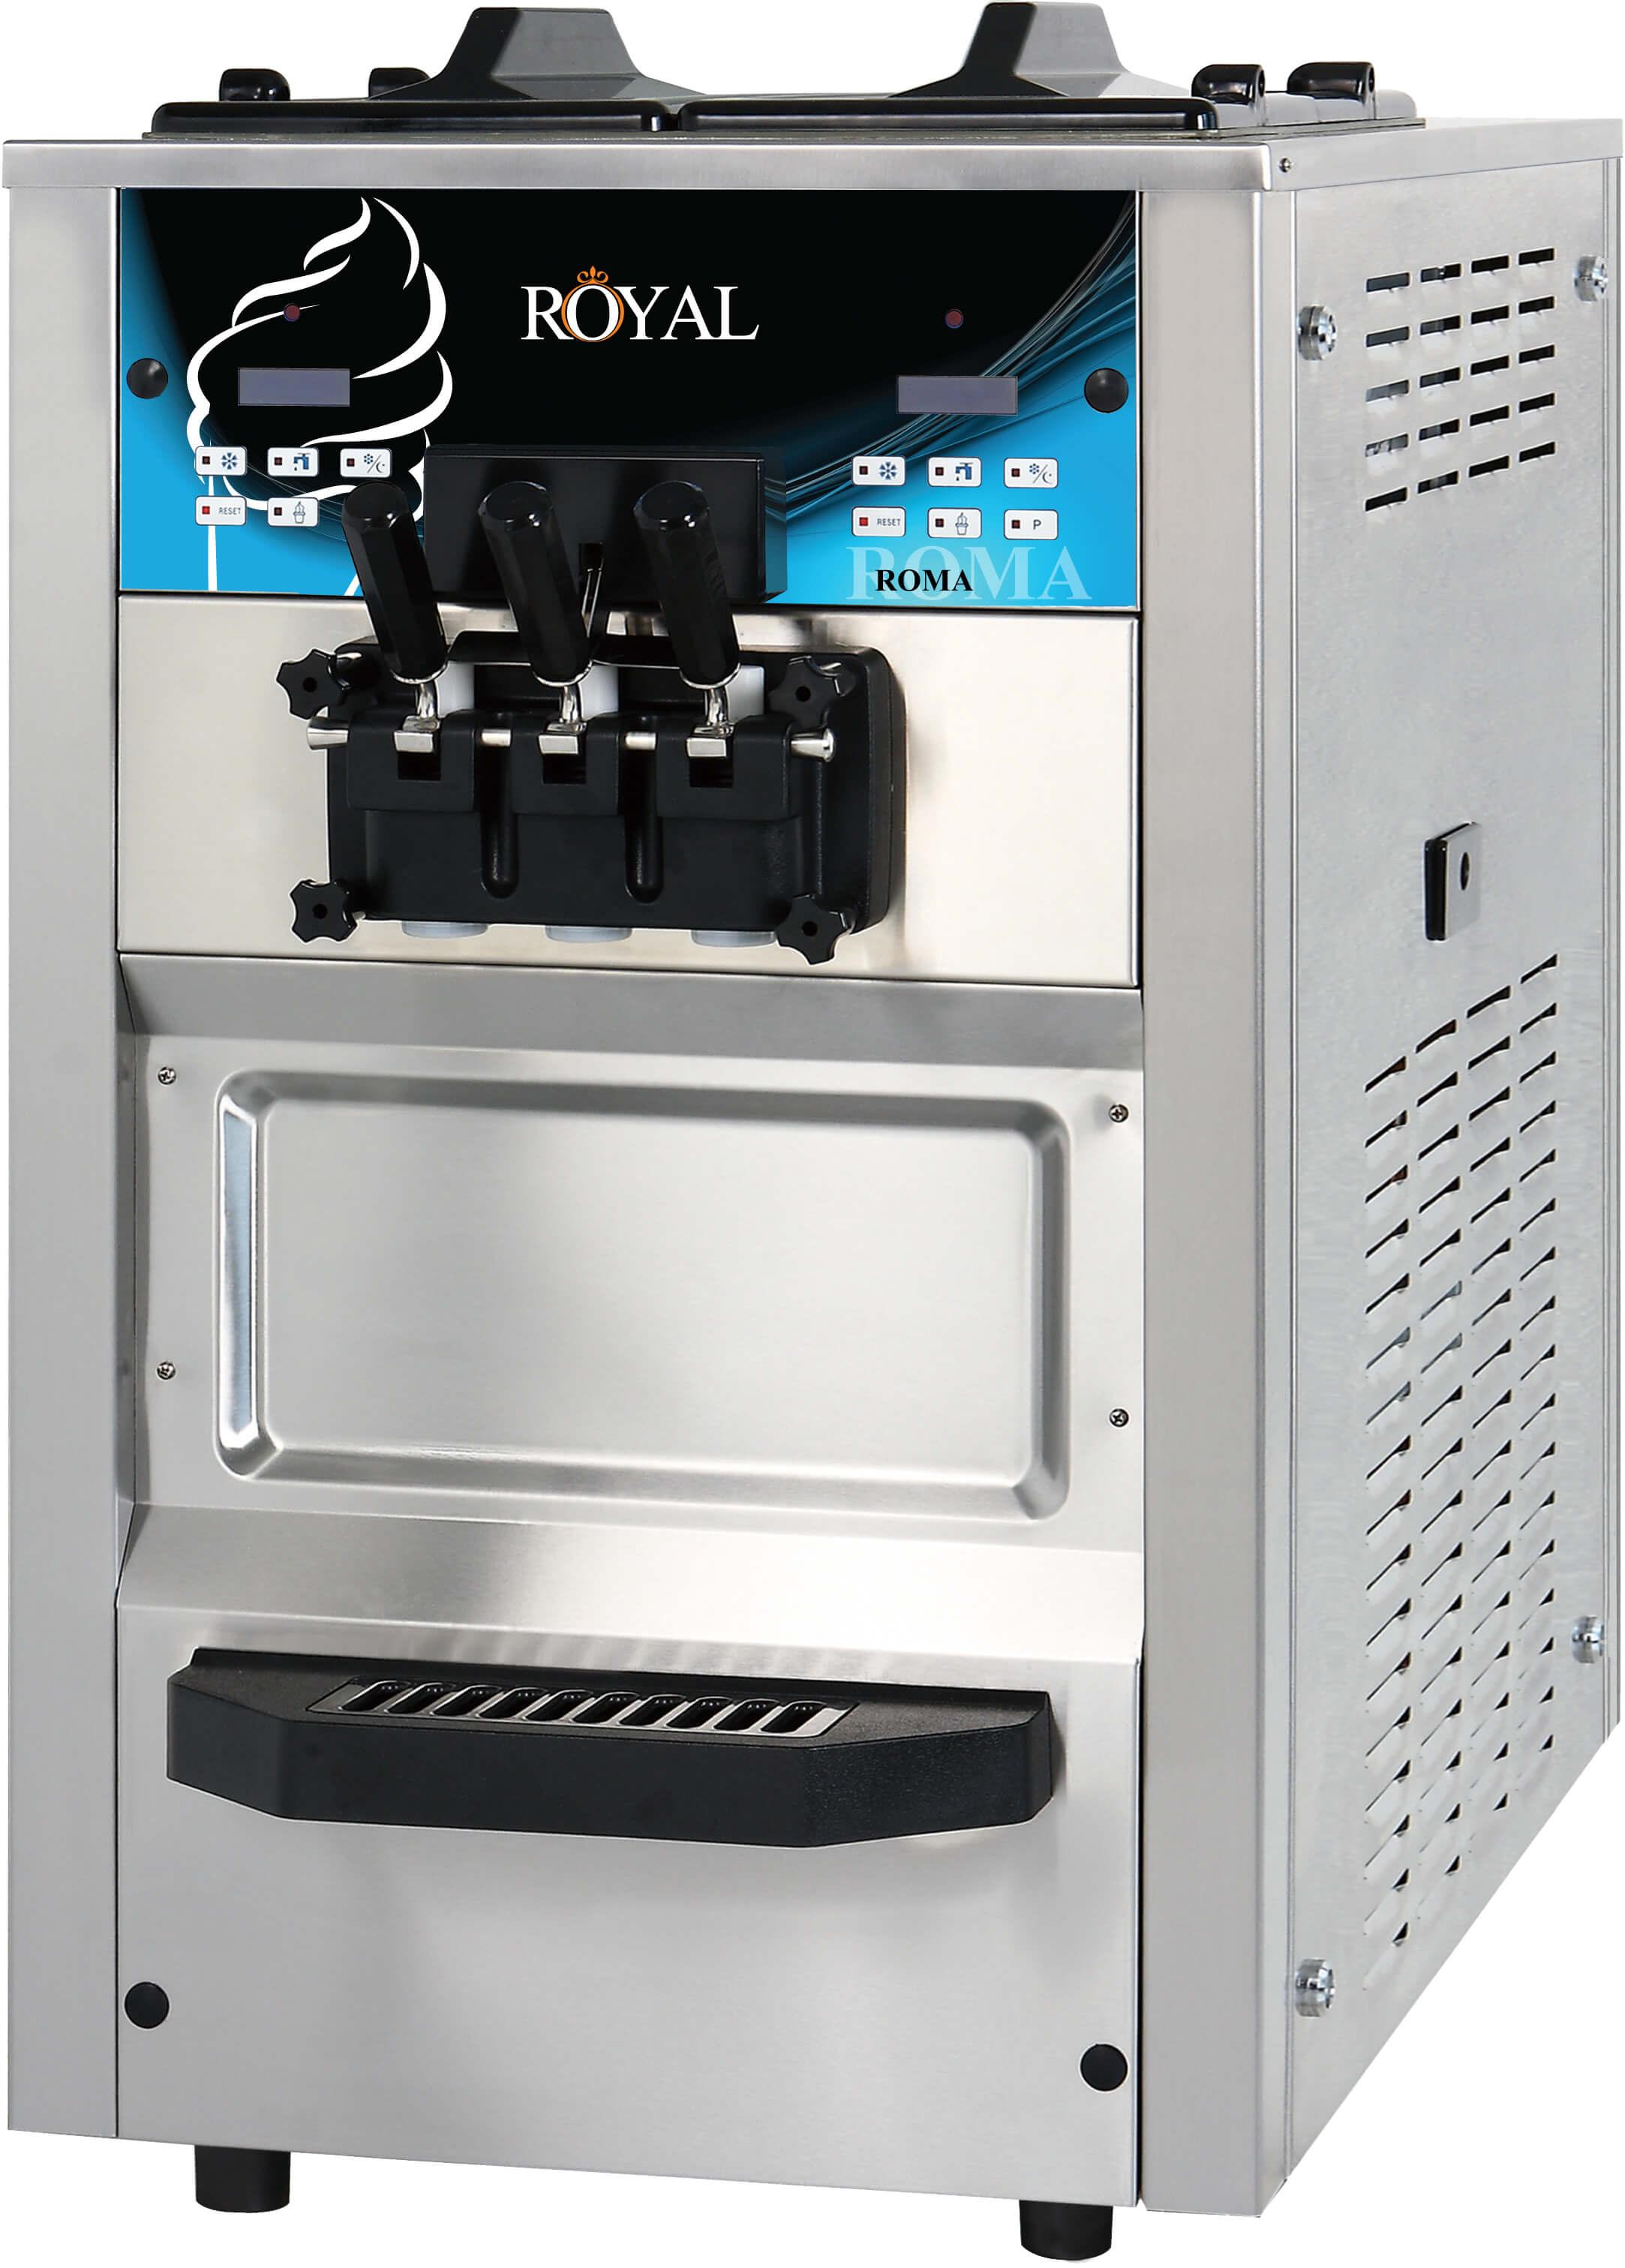 חלקי חילוף של מכונת גלידה אמריקאית ROMA